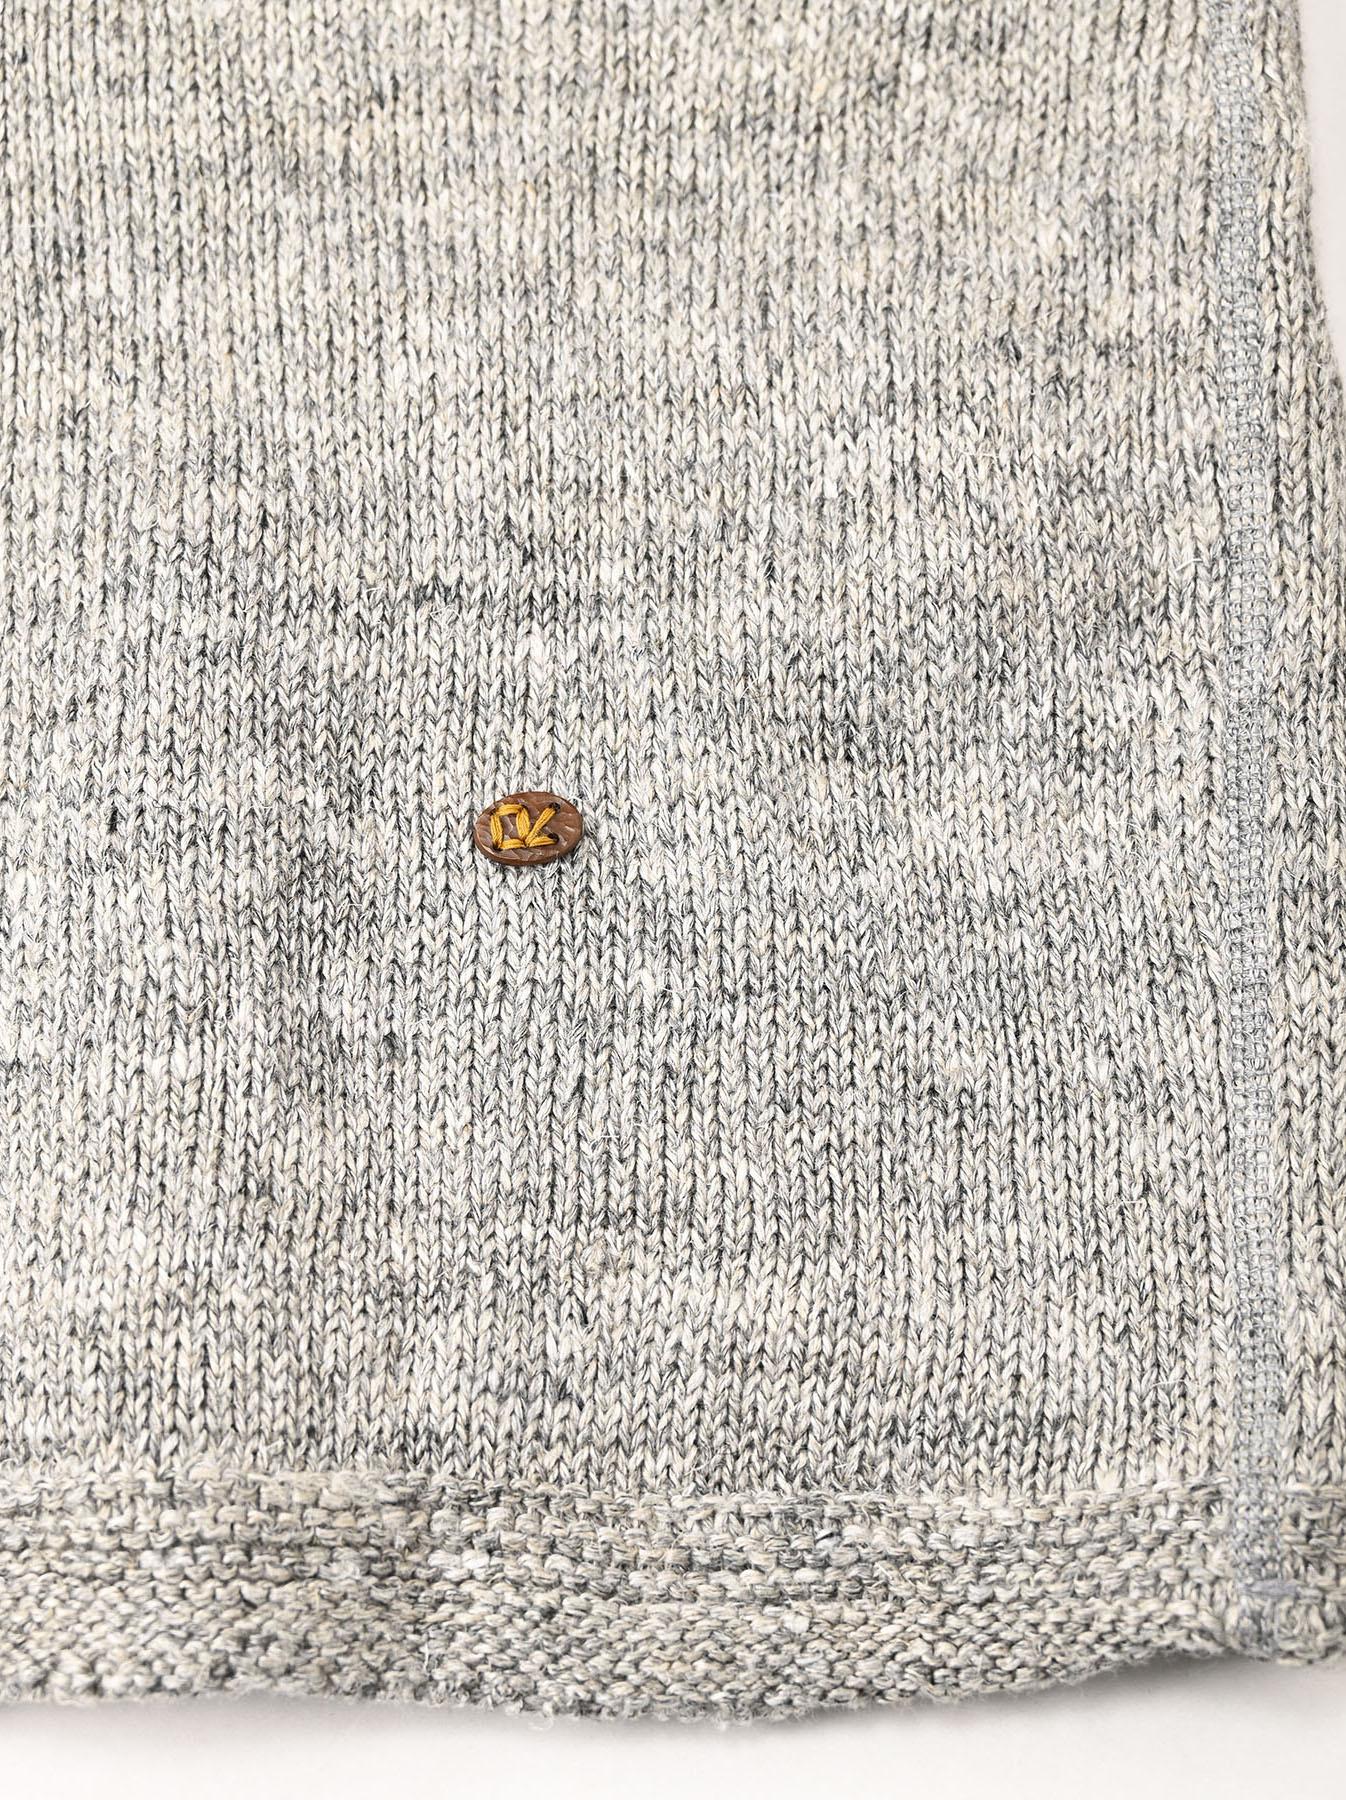 WH Linen Tweed Umahiko 908 Vest (0321)-12